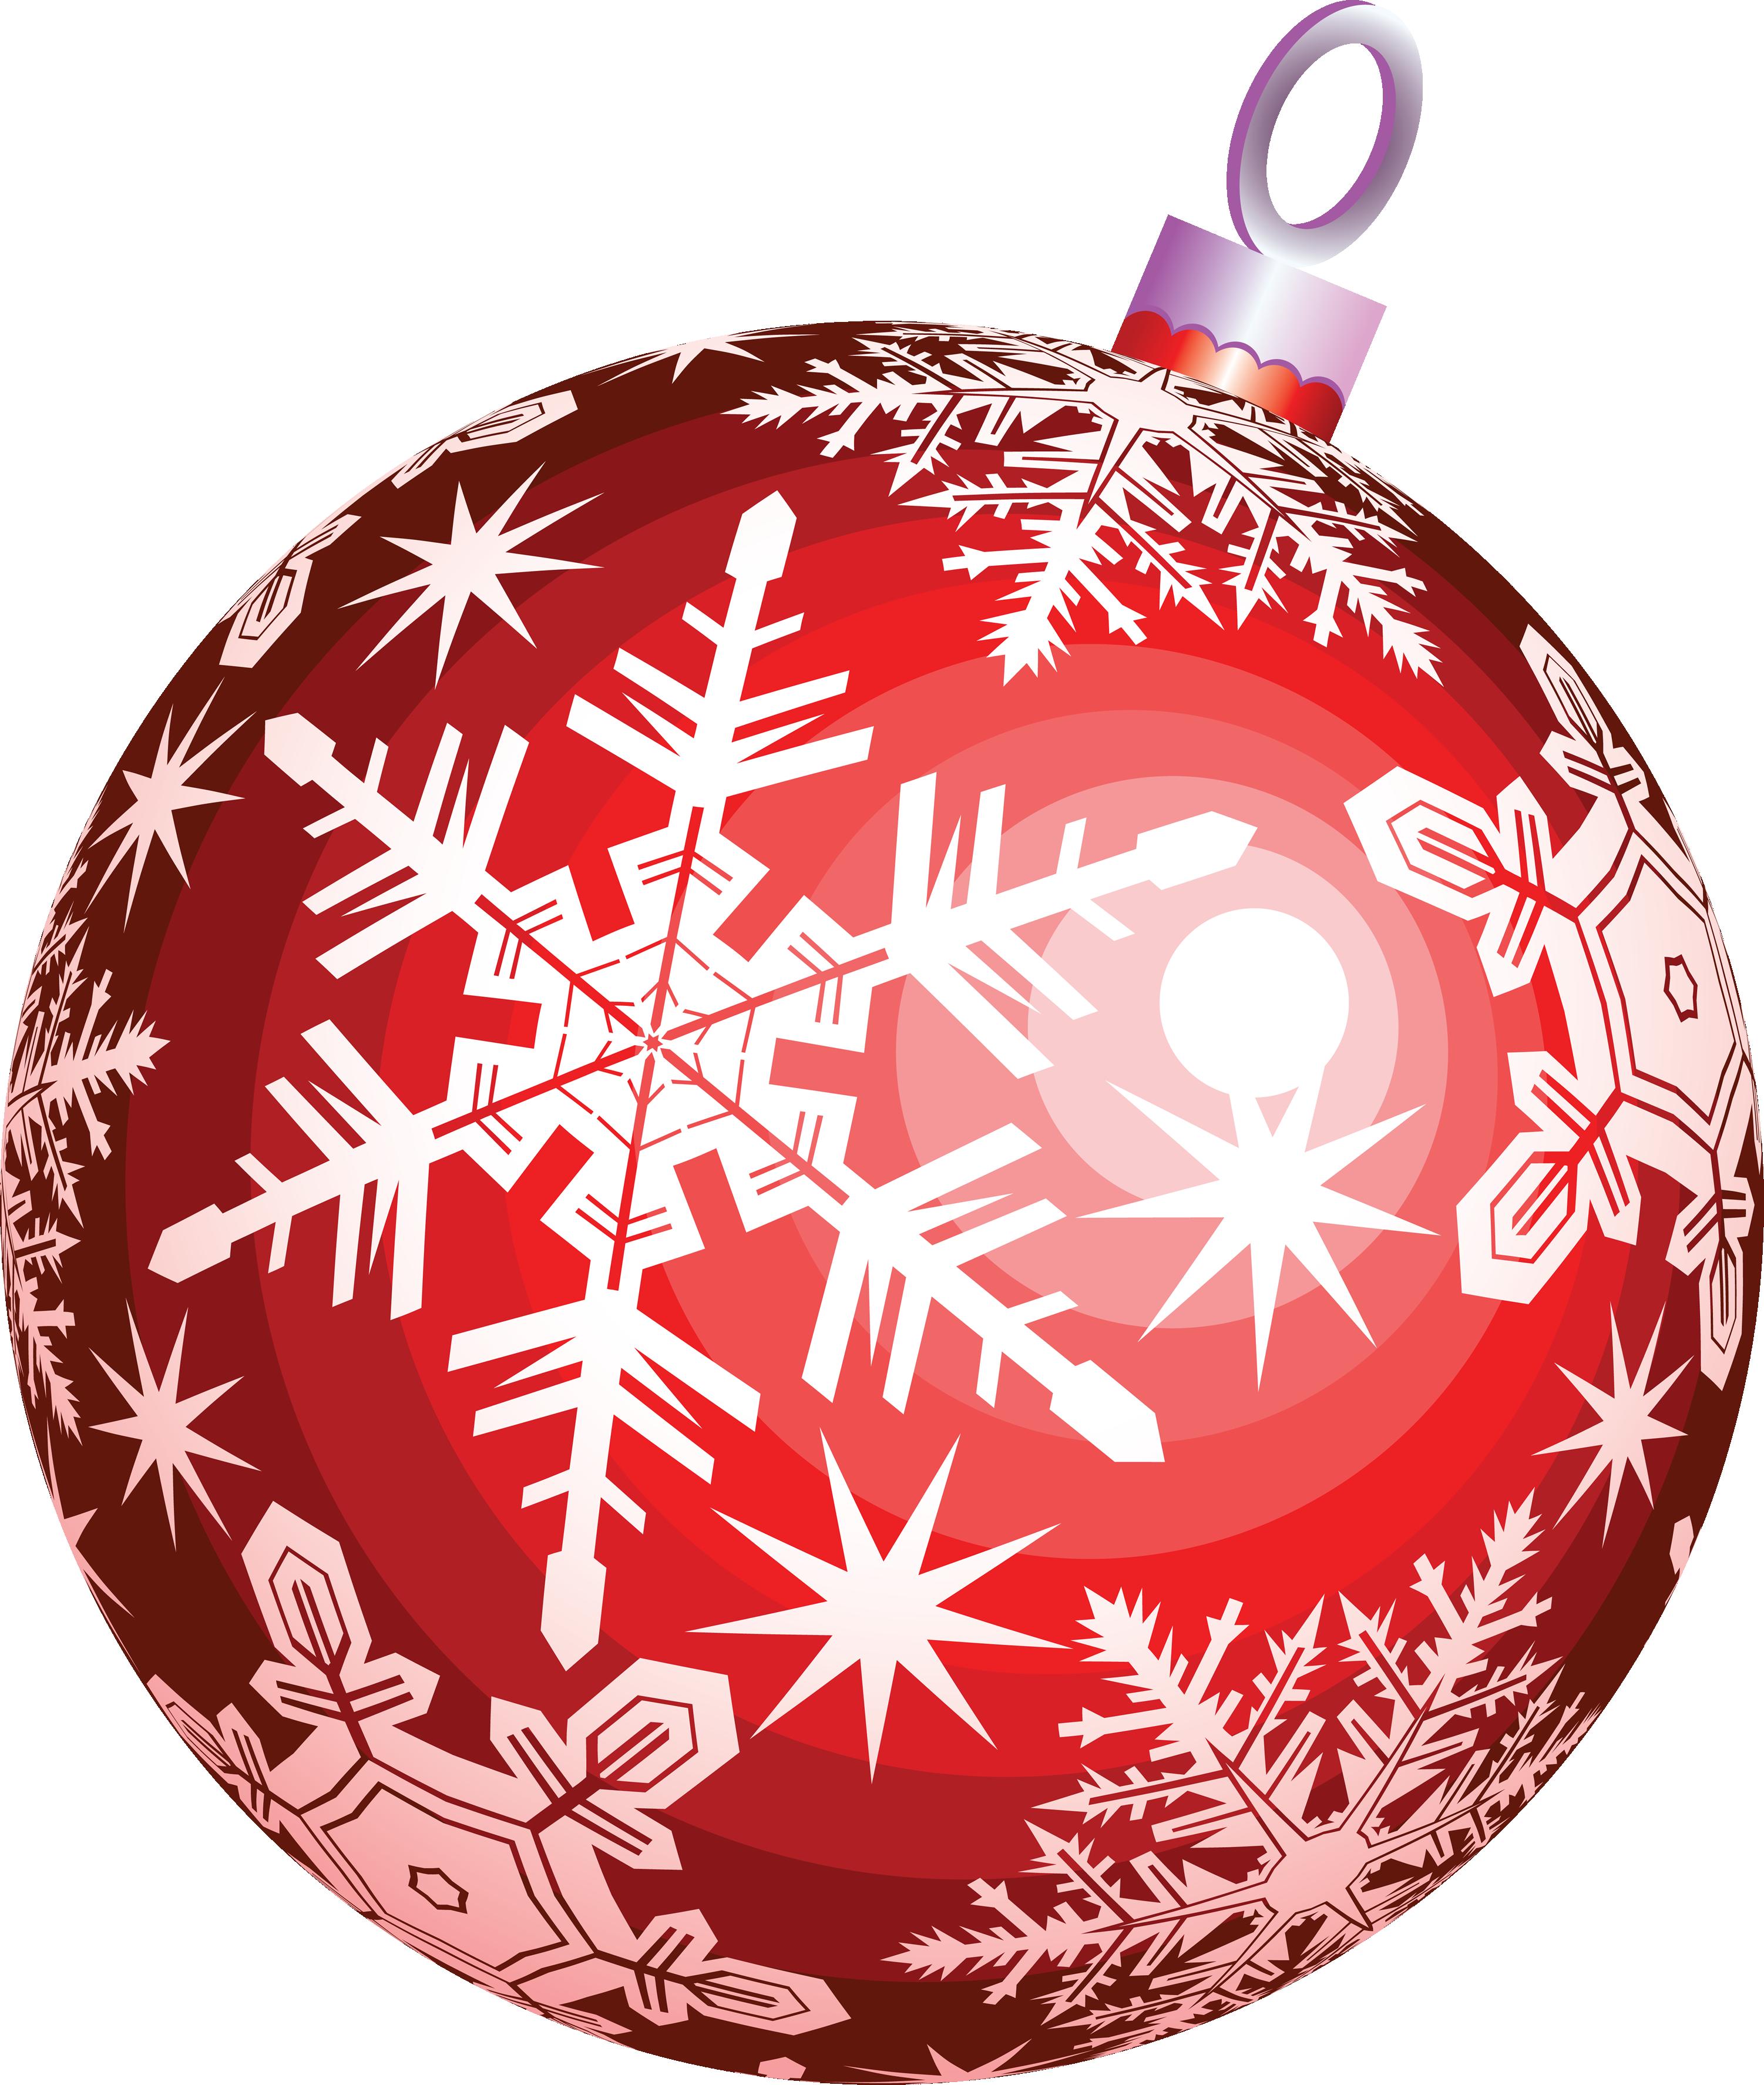 Clipart toys xmas. Christmas ball ornament ten